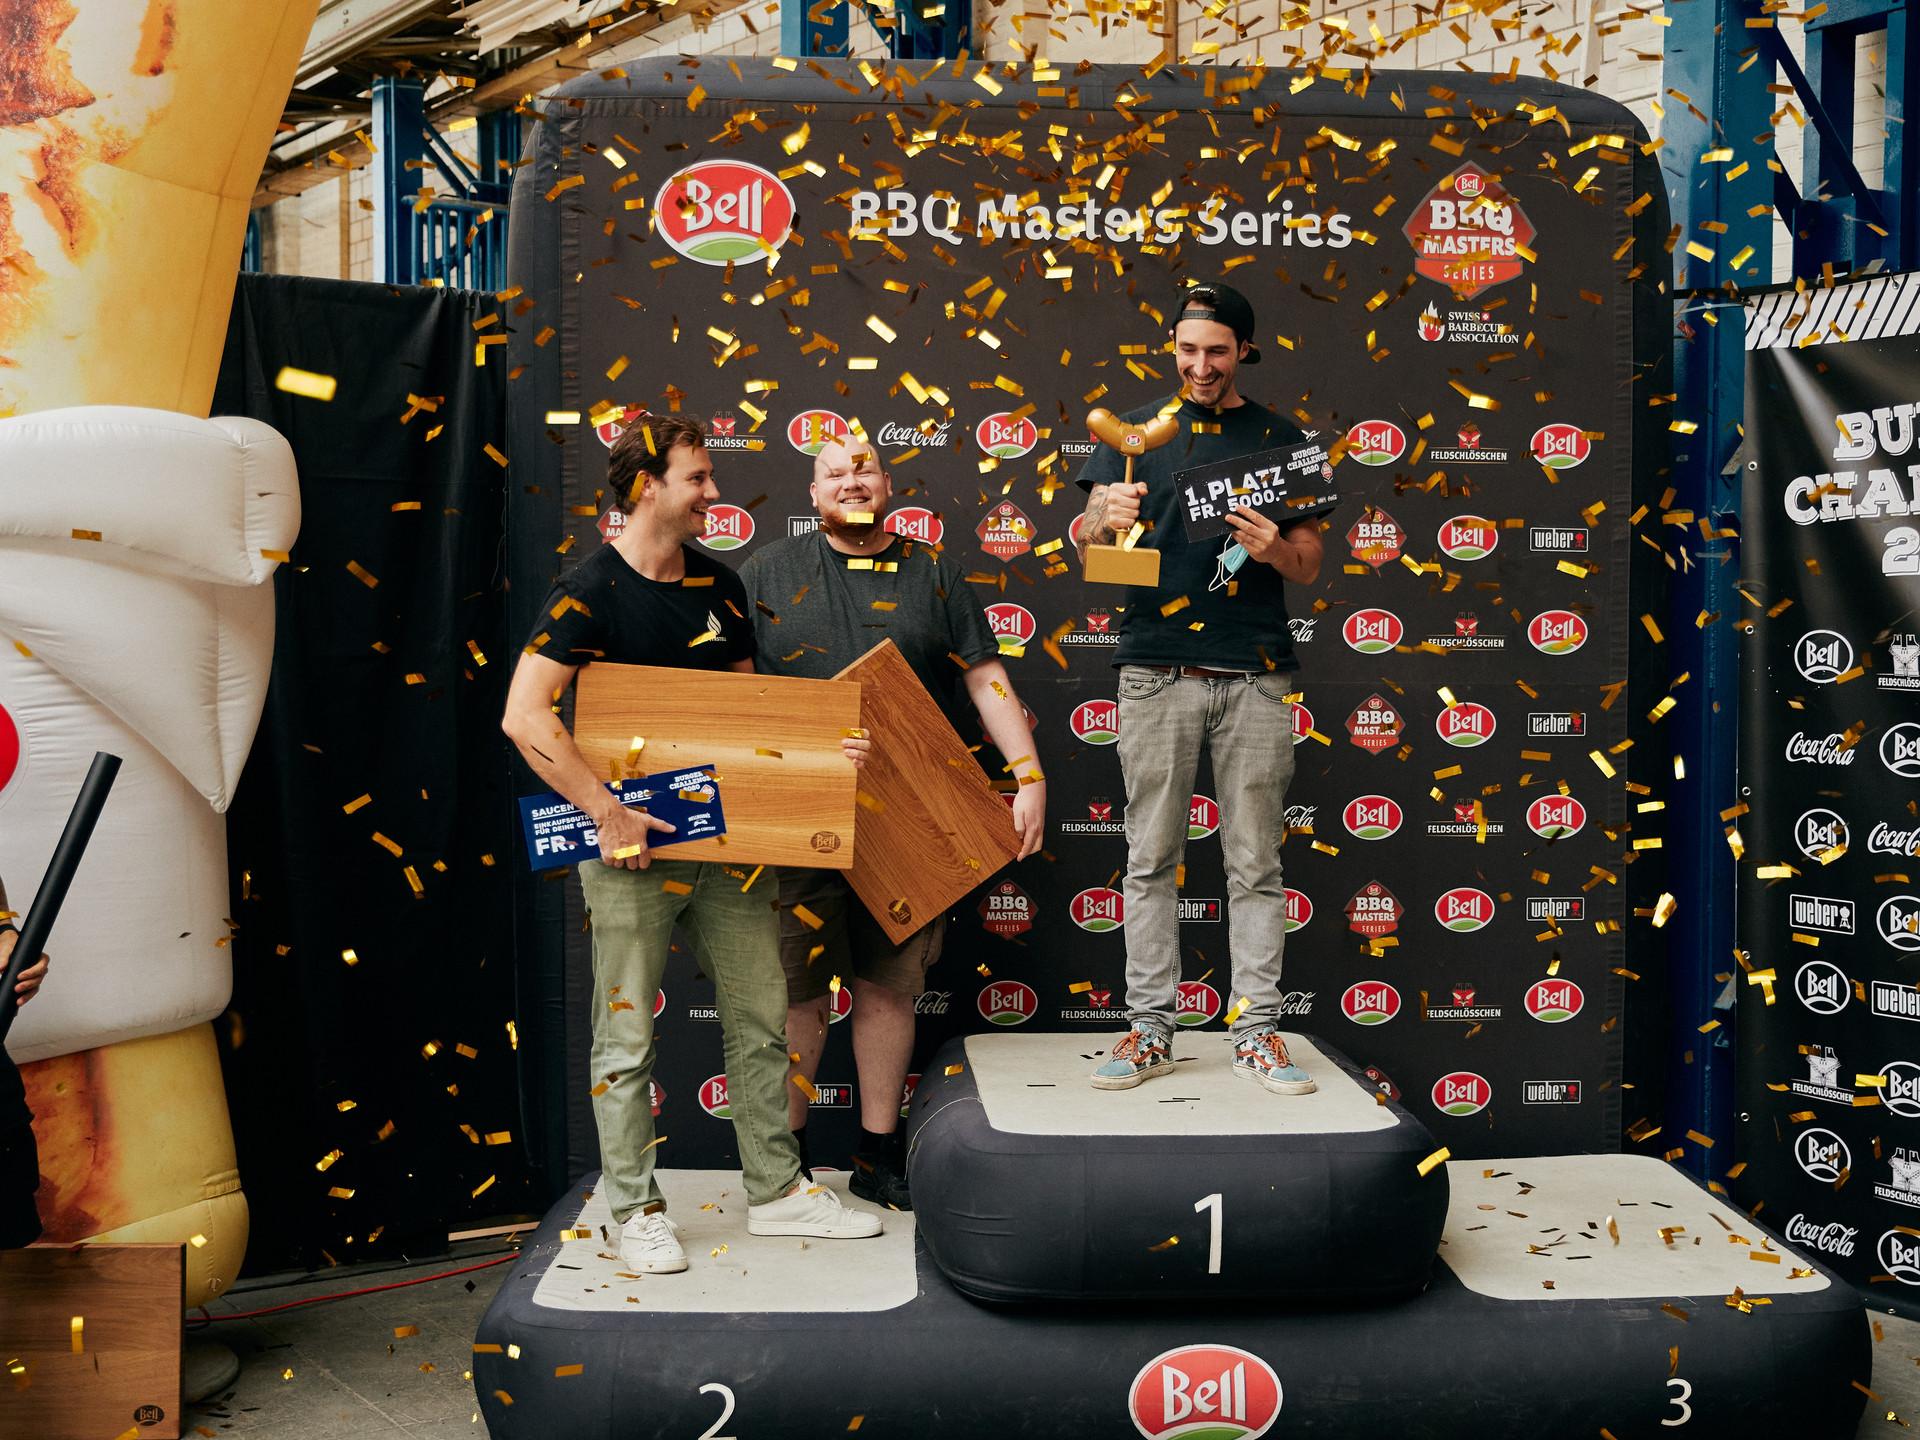 Das Siegerpodest der Burger Challenge 2020 - Sieger Linard Lüchinger (rechts) mit den punktgleichen Zweitklassiergen Darius Kny (links) und Joel Dussex (Mitte)